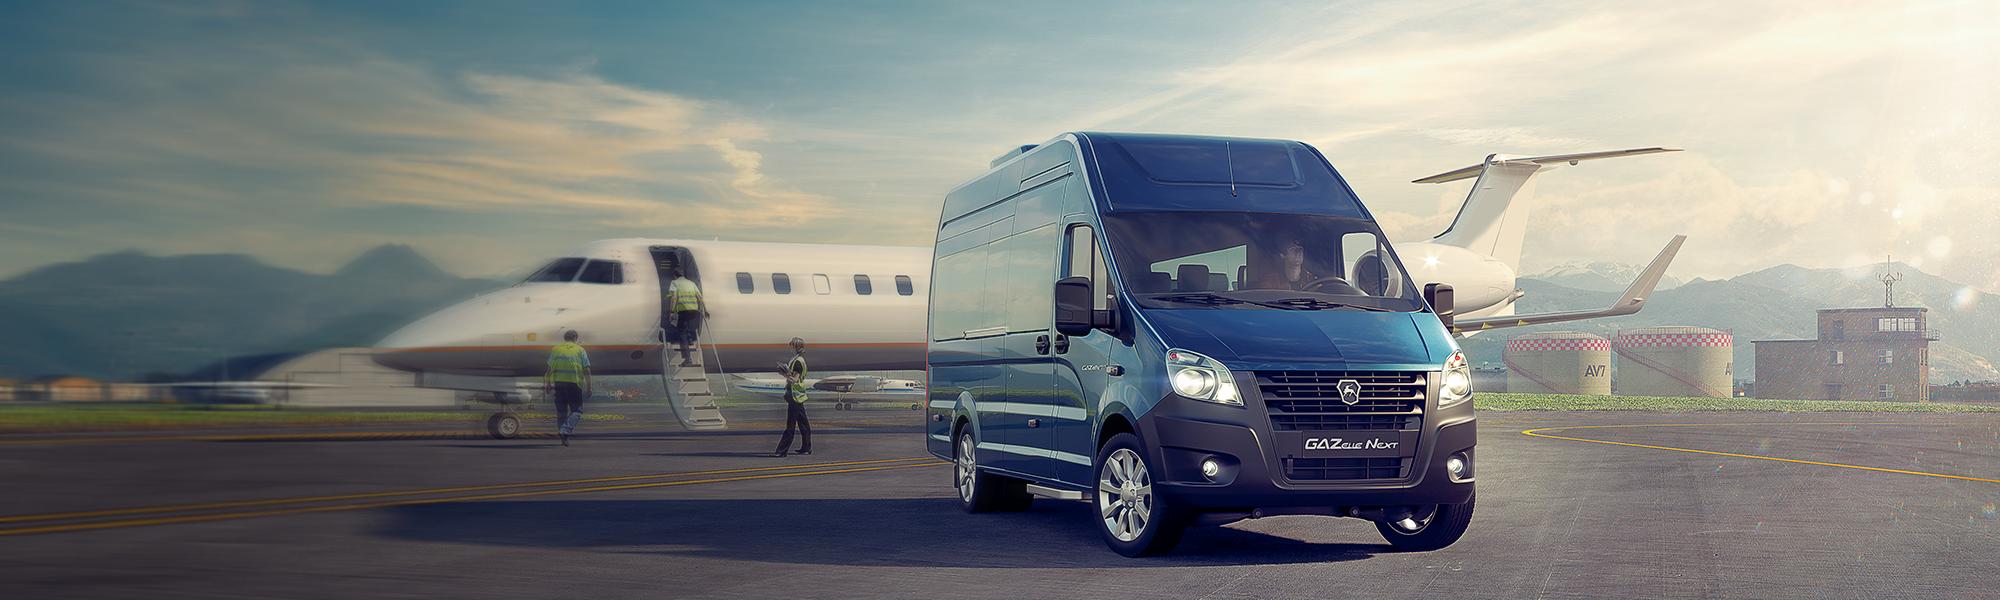 Спецпредложение Выгода до 256000 Р. Специальная цена при покупке ГАЗель NEXT автобус. Десктопное изображение